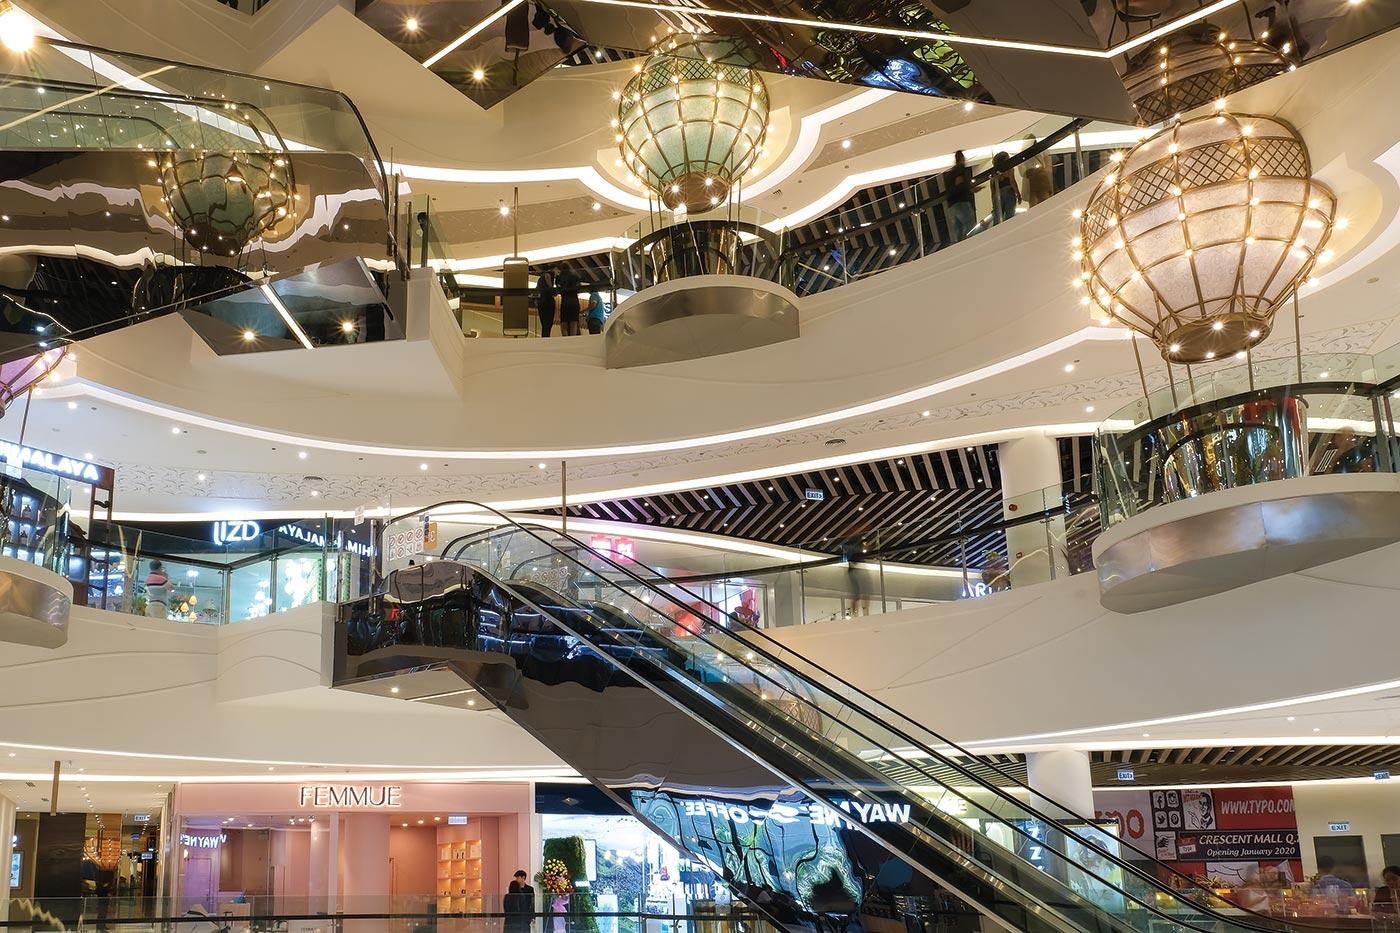 Khởi động cho sự kiện này, Crescent Mall mở rộng với 6 tầng Trung tâm Thương mại cao cấp cùng tòa nhà văn phòng 24 tầng.